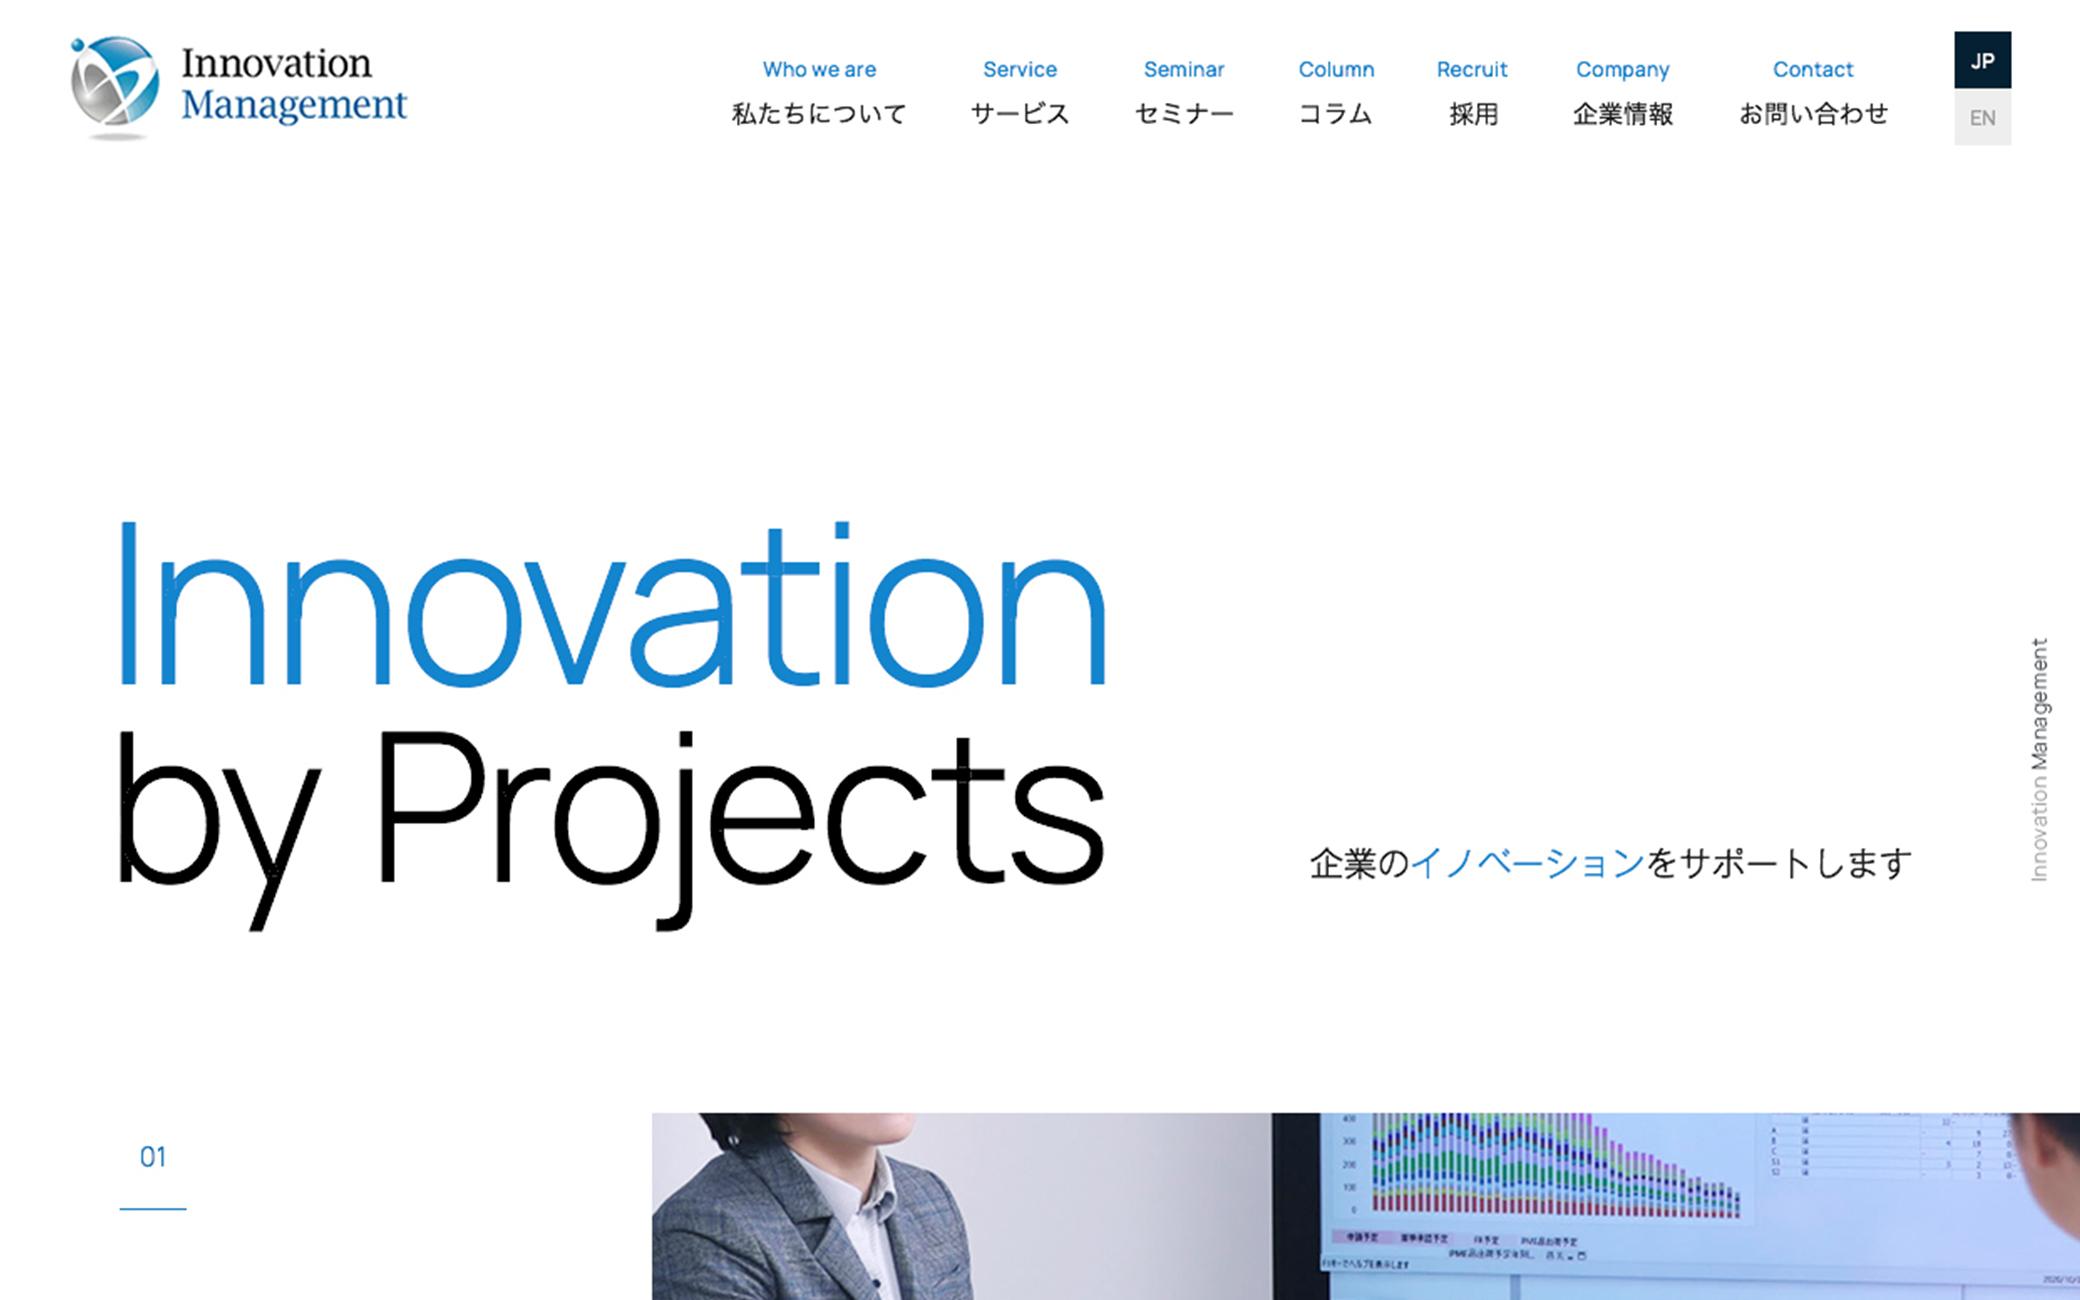 イノベーションマネジメント